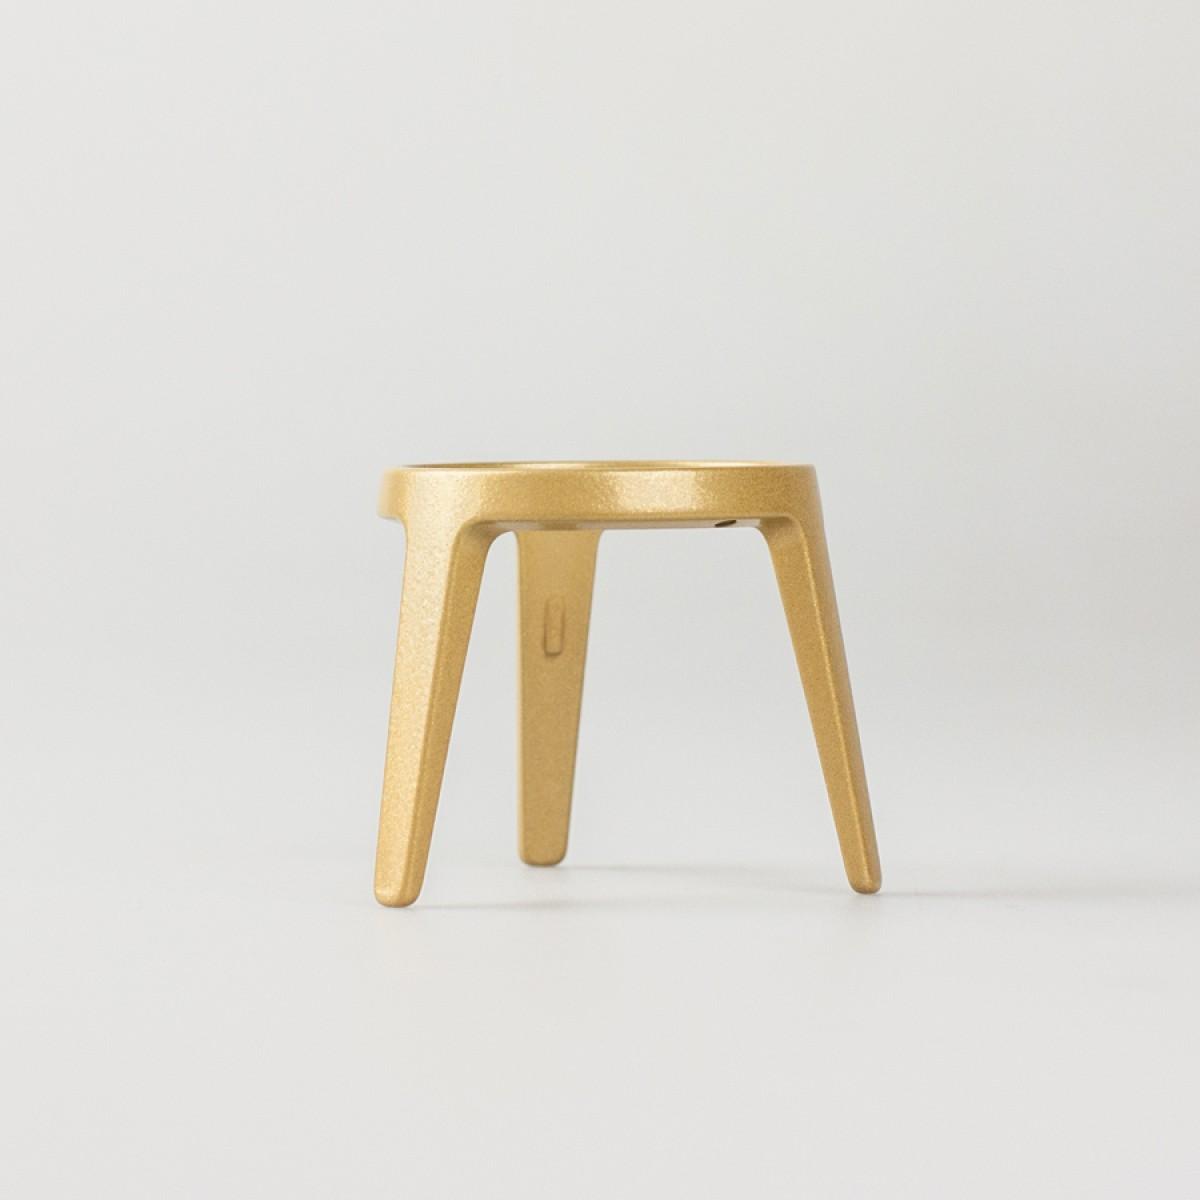 rocket - Design Eierbecher aus Metall (4er Set gold)